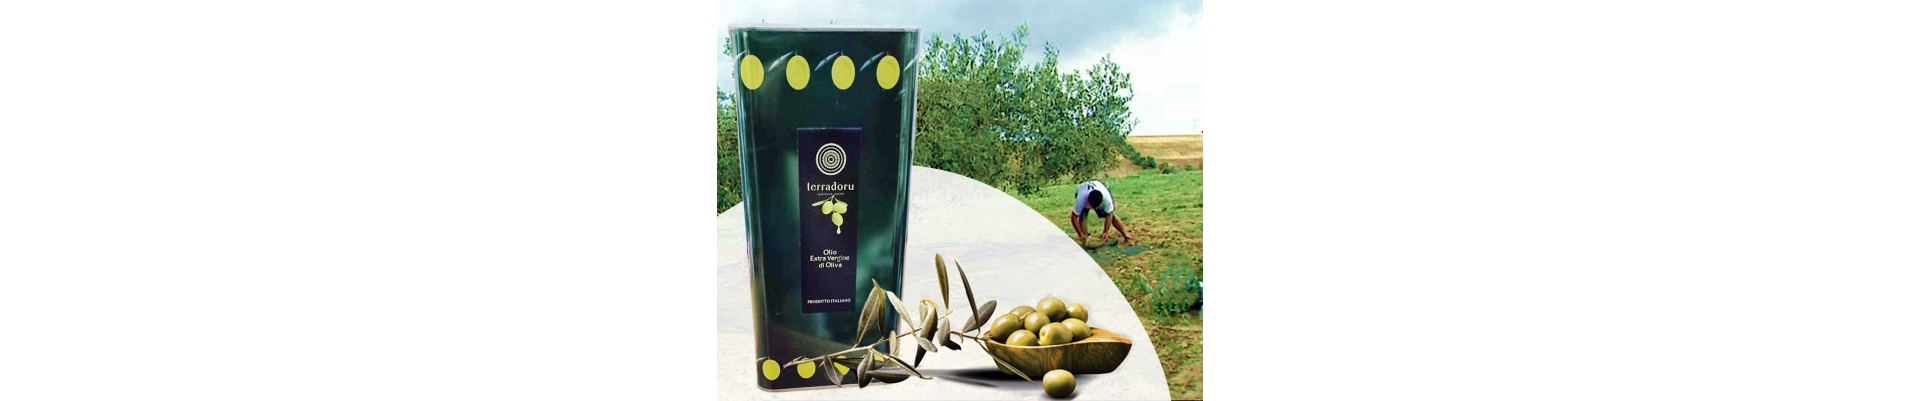 Olio extra vergine di oliva siciliano